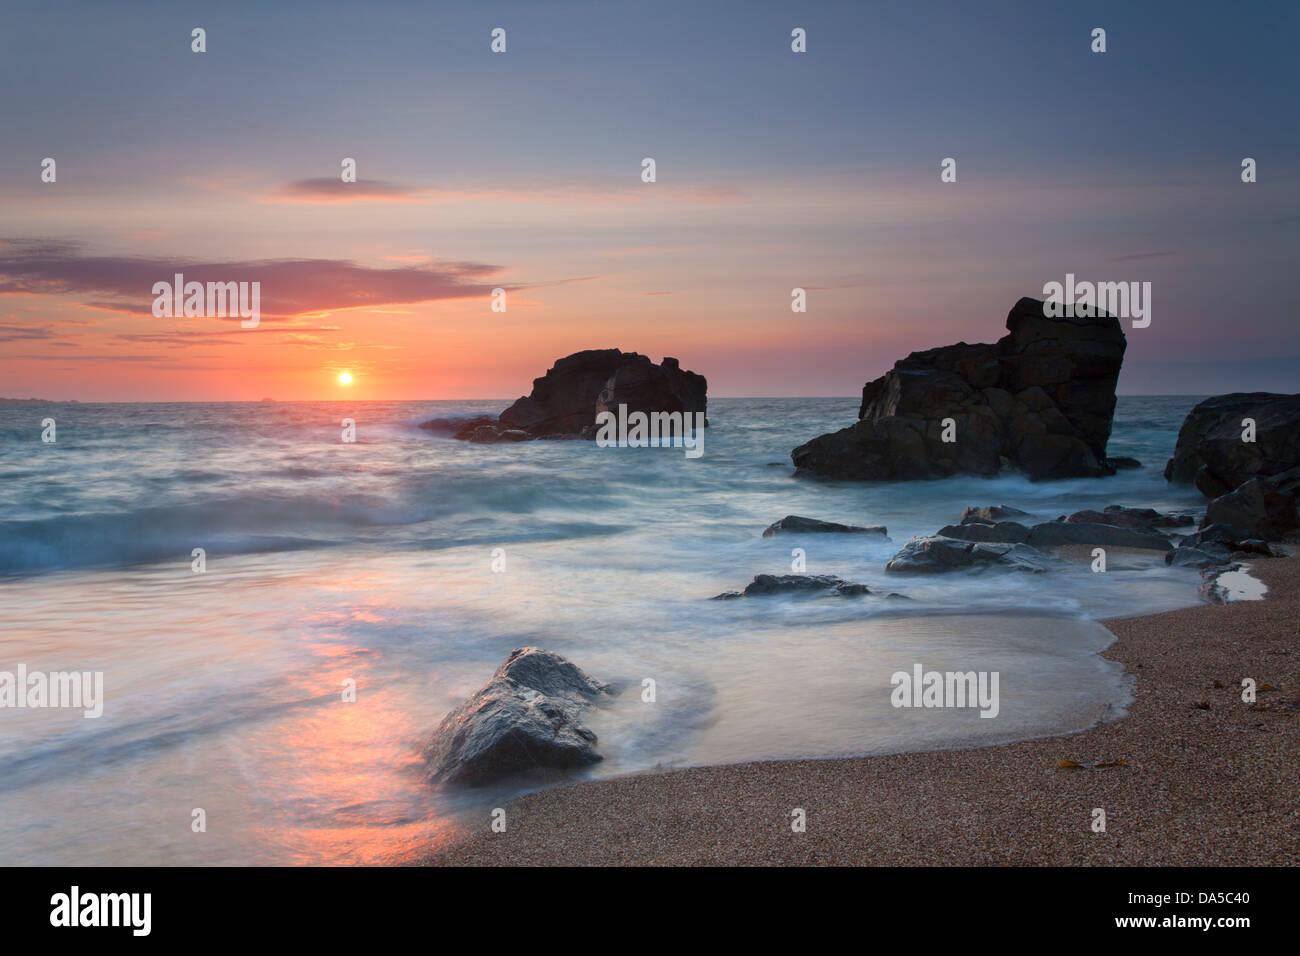 Saline Bay sunset, Alderney Channel Islands - Stock Image